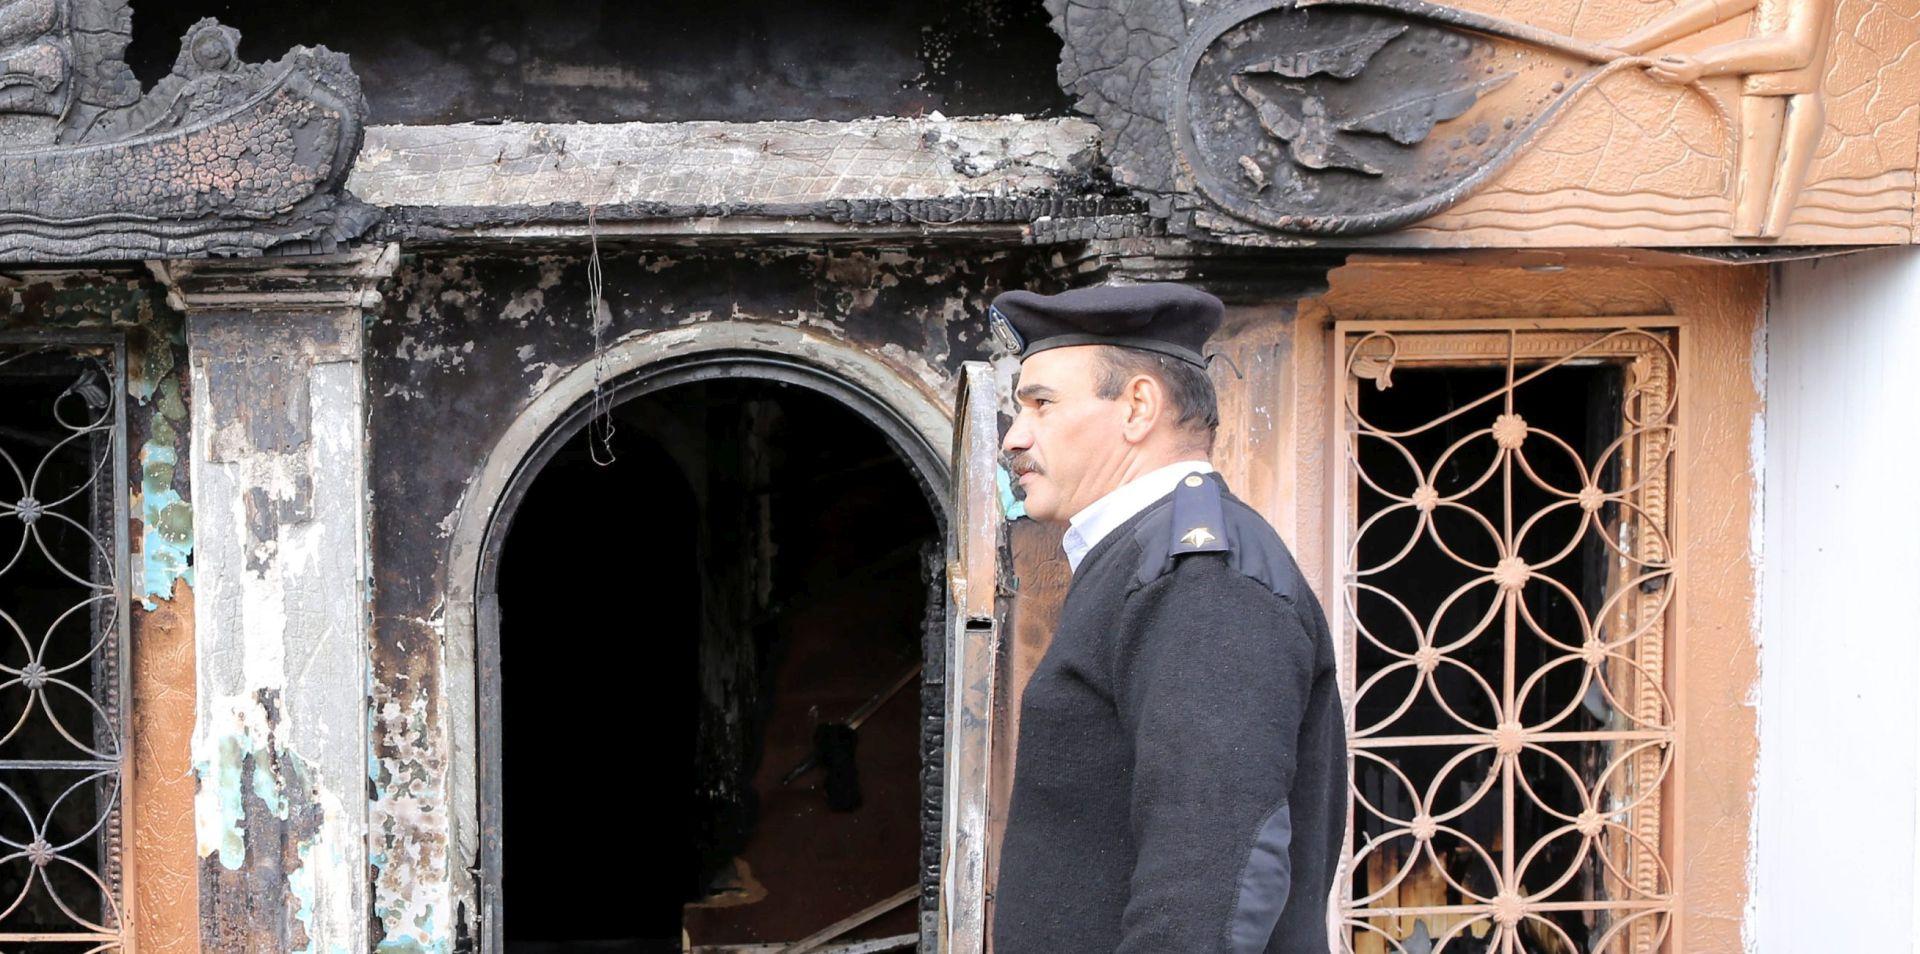 Noćni sukobi u Kairu nakon smrti mladića u policijskoj postaji